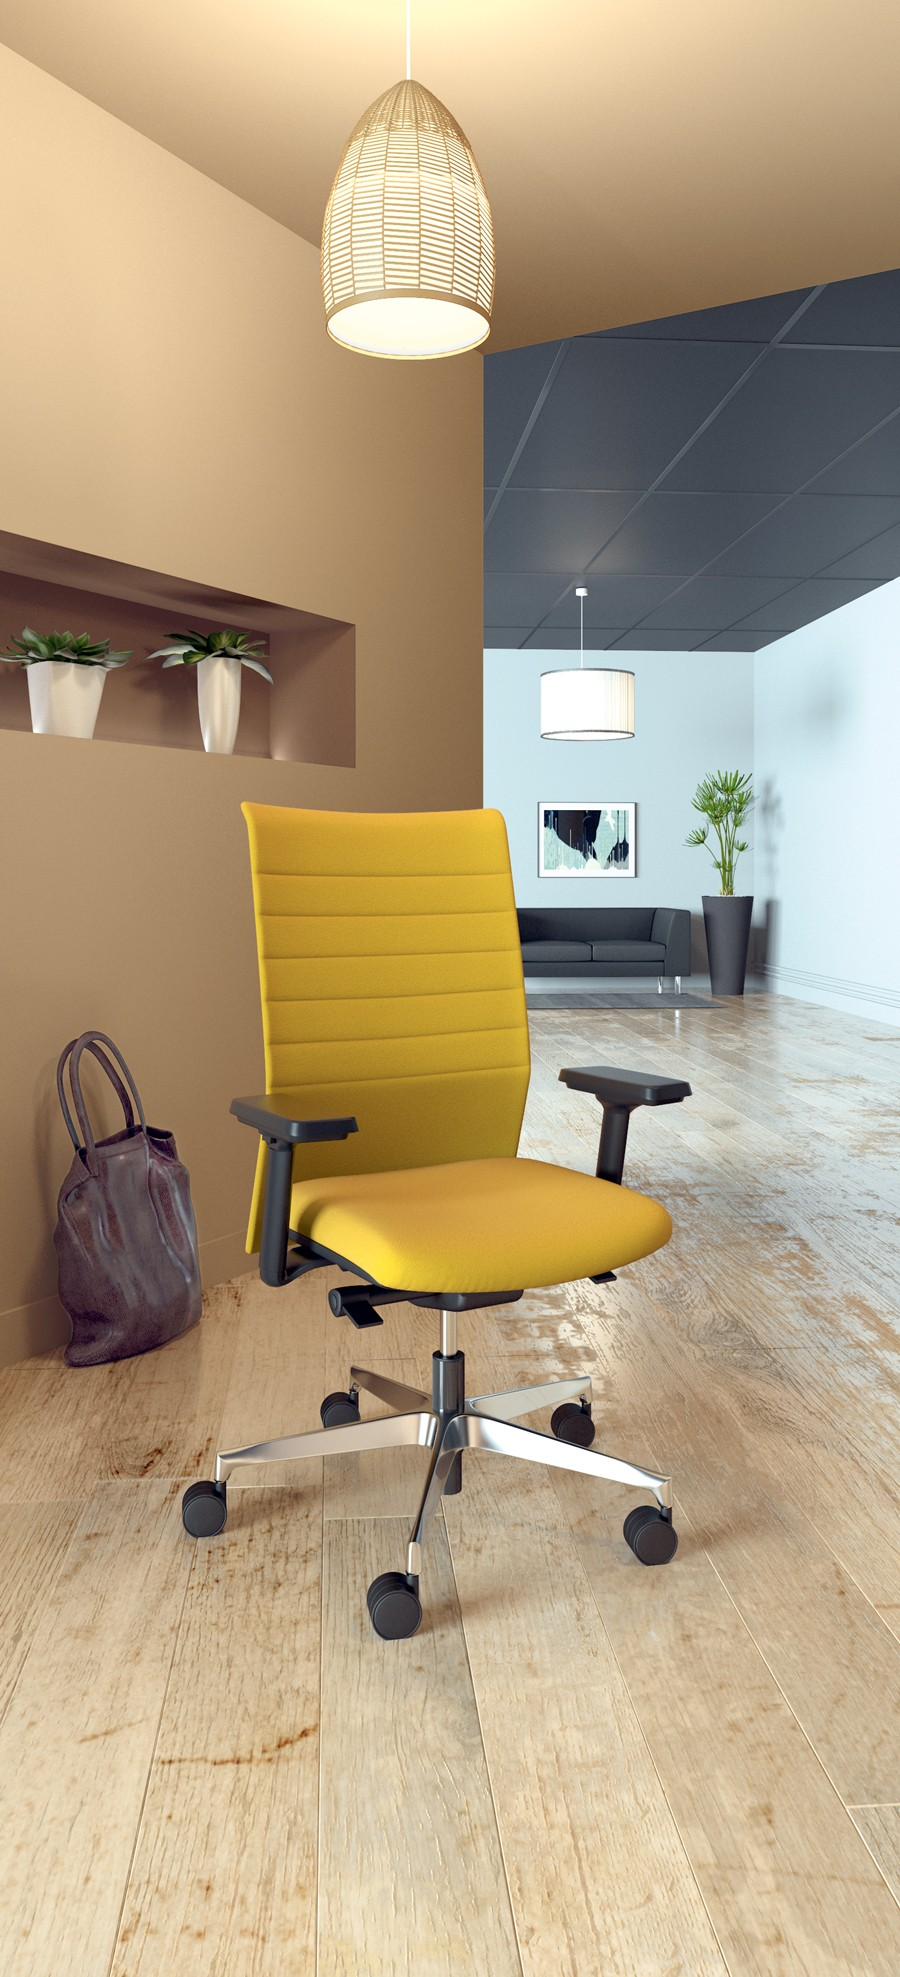 Fauteuil de bureau ergonomique chery - Fauteuils ergonomiques bureau ...